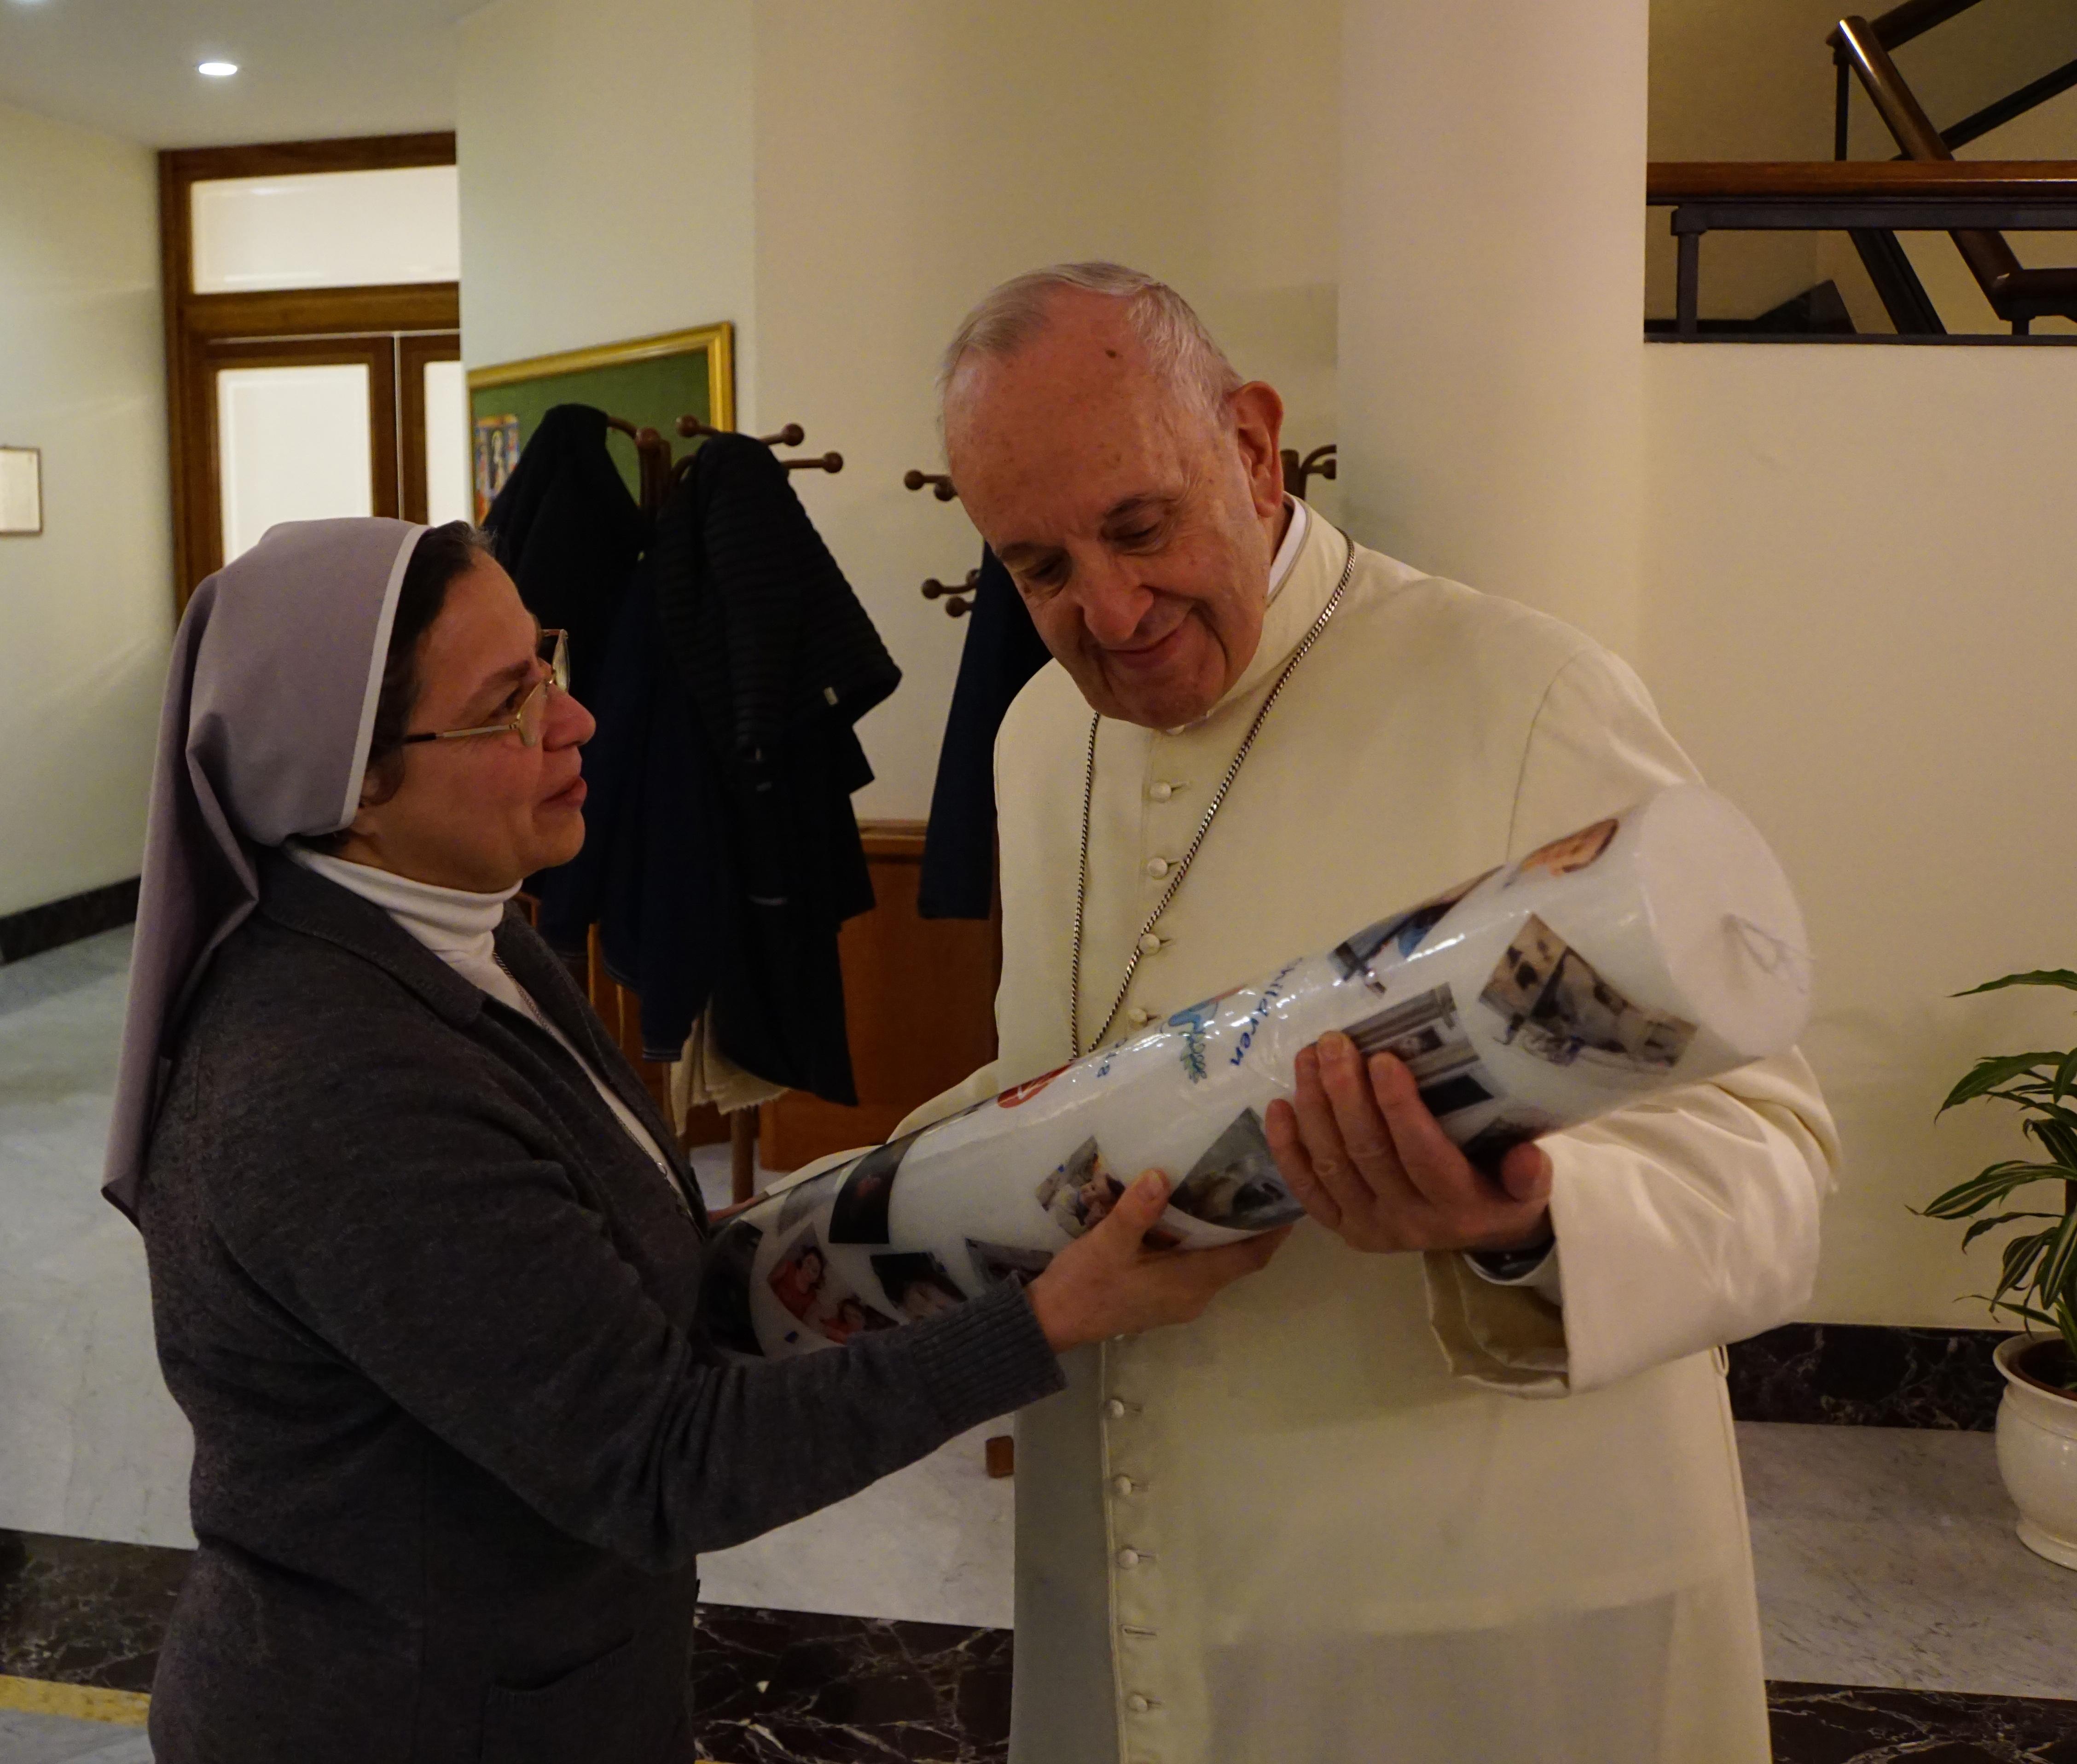 Misas para dar gracias al Papa Francisco por su apoyo en Oriente Medio